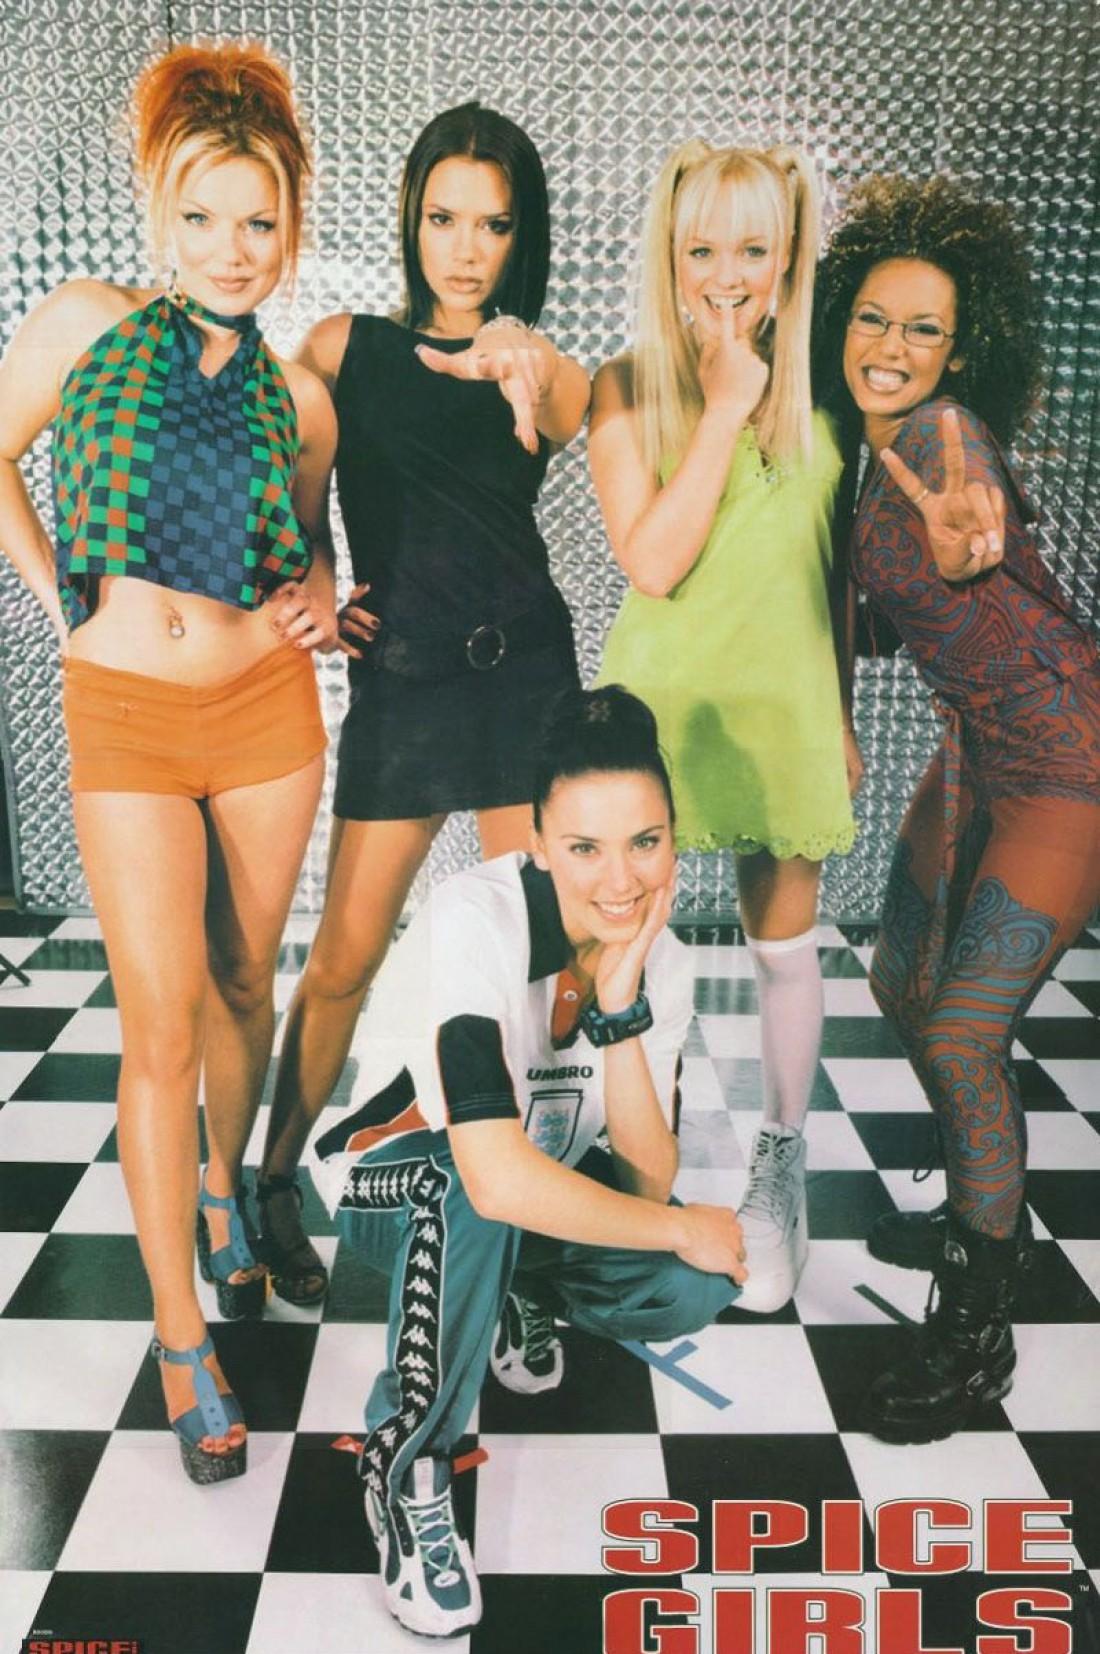 Постер с поп-звездами